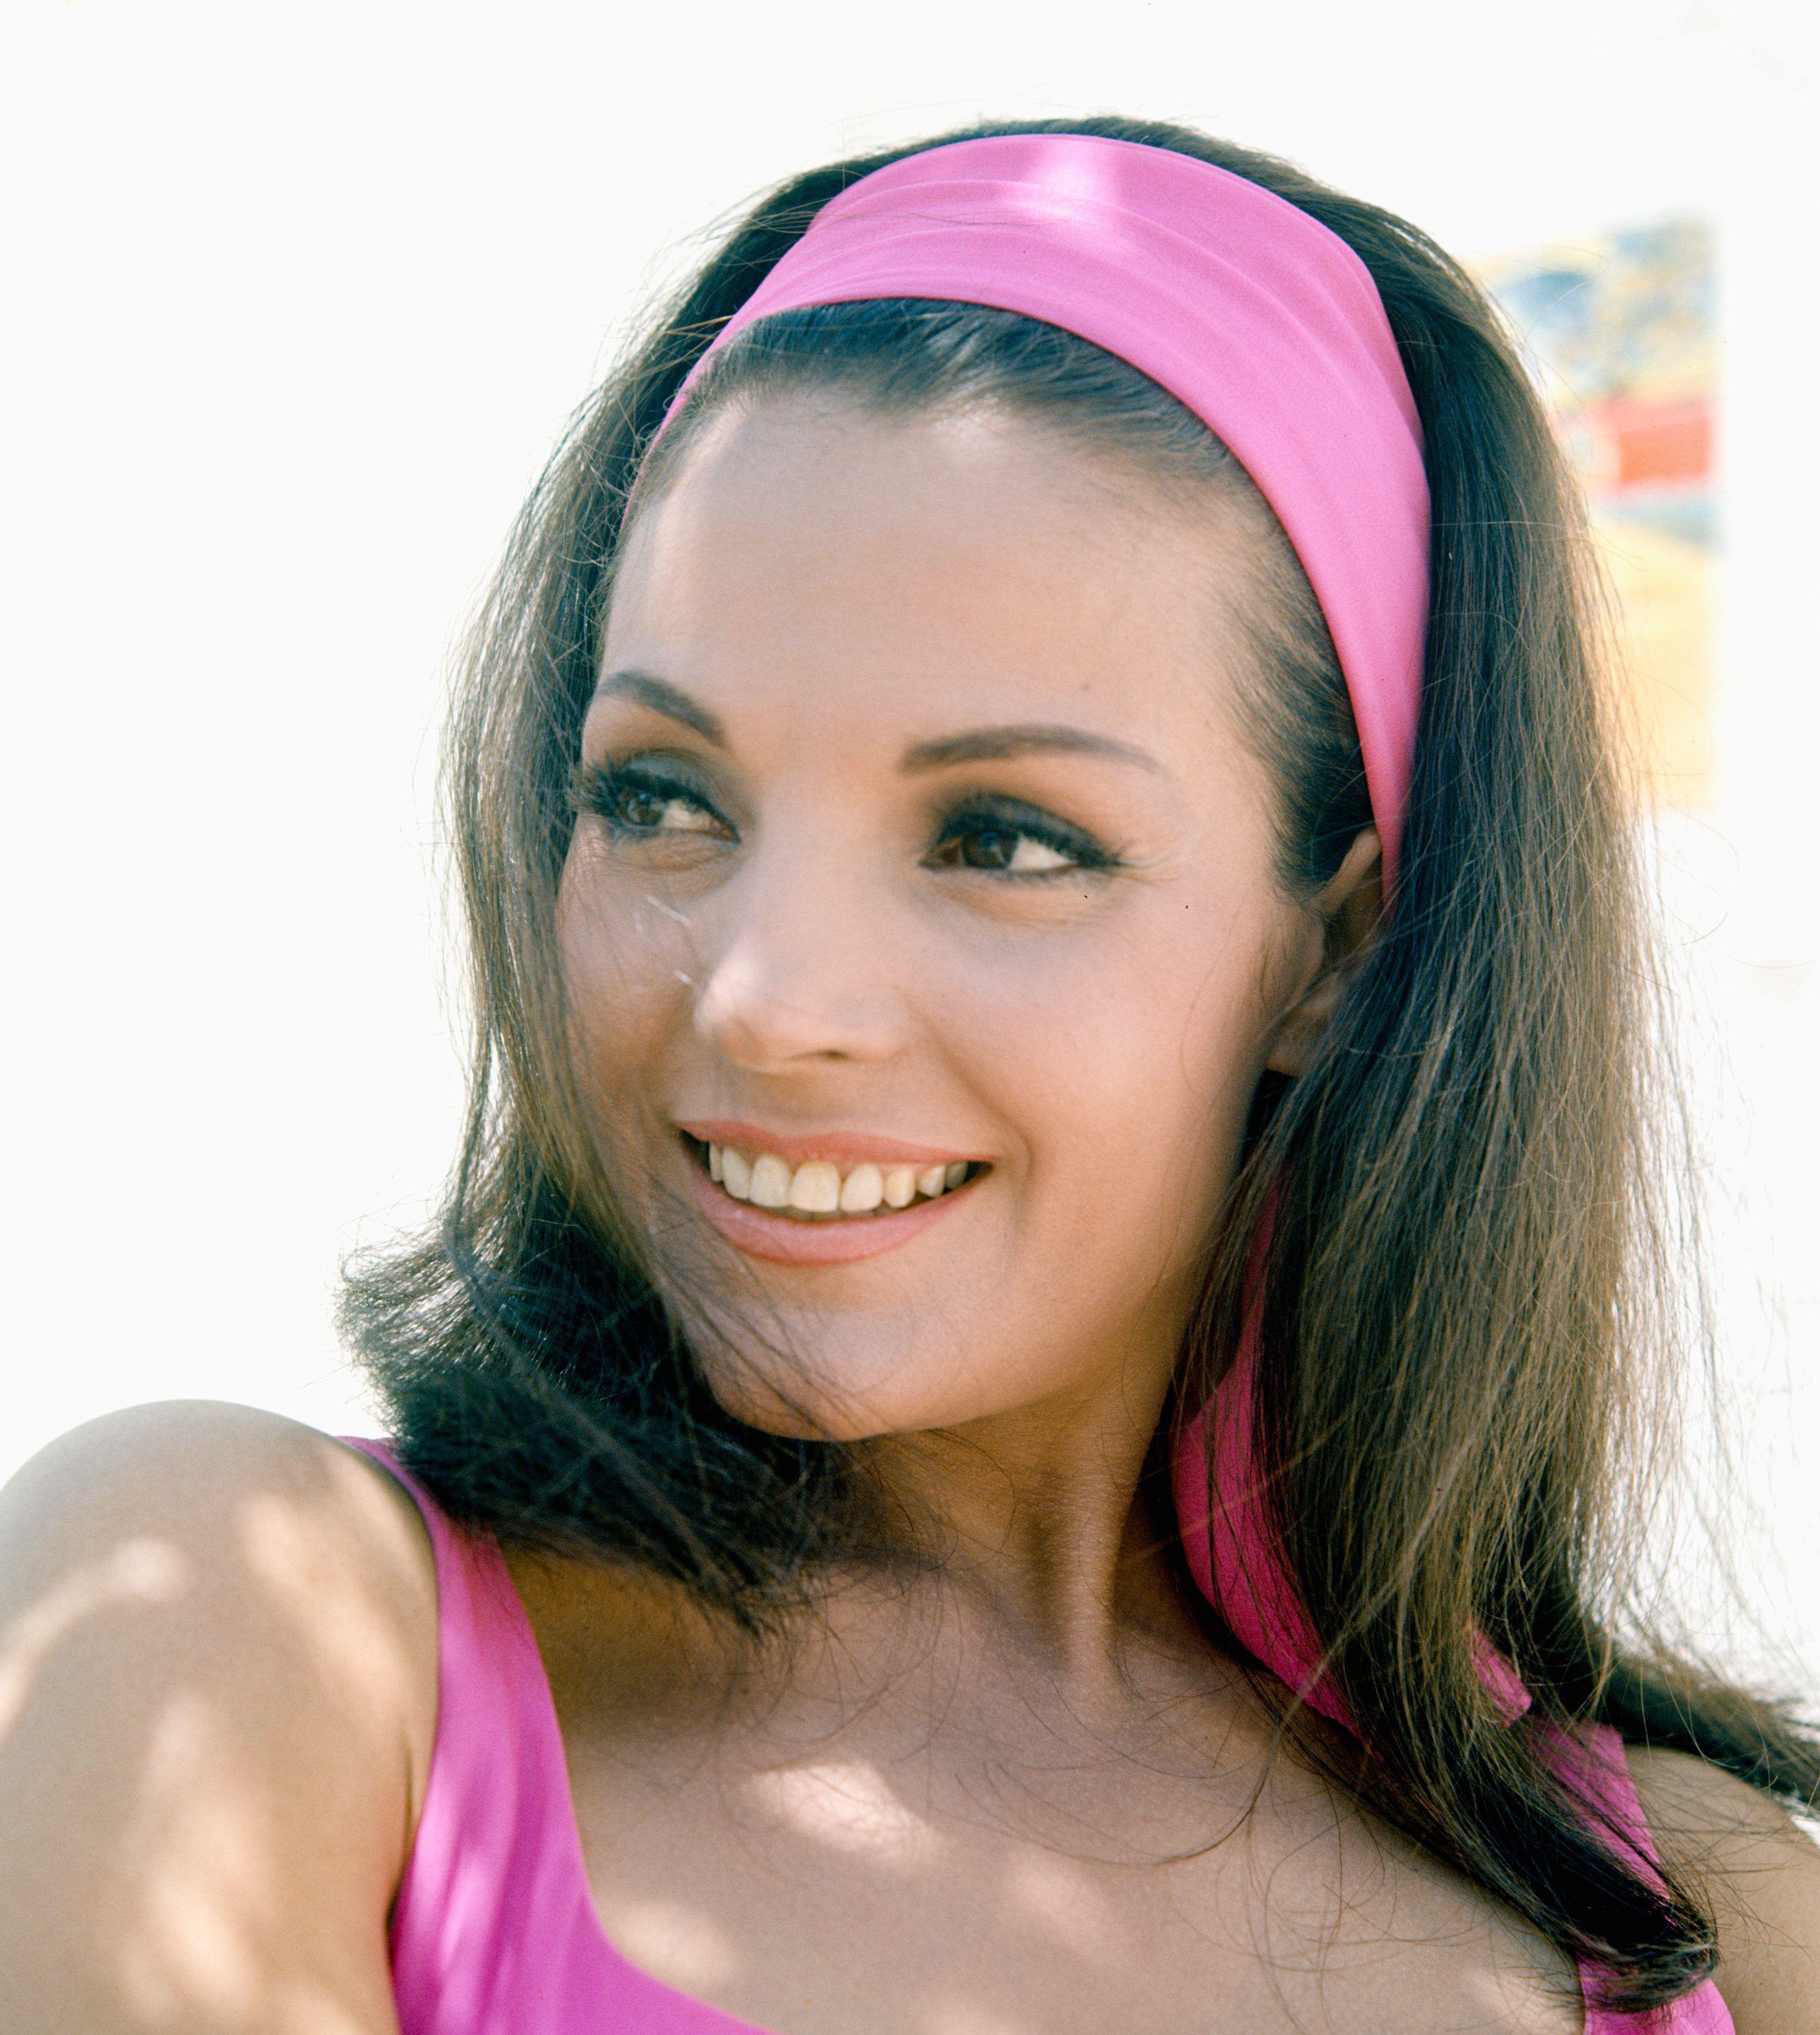 Carmen Sevilla en todo el esplendor de su bella personalidad en 1966. Crédito: web revistavanityfair.es